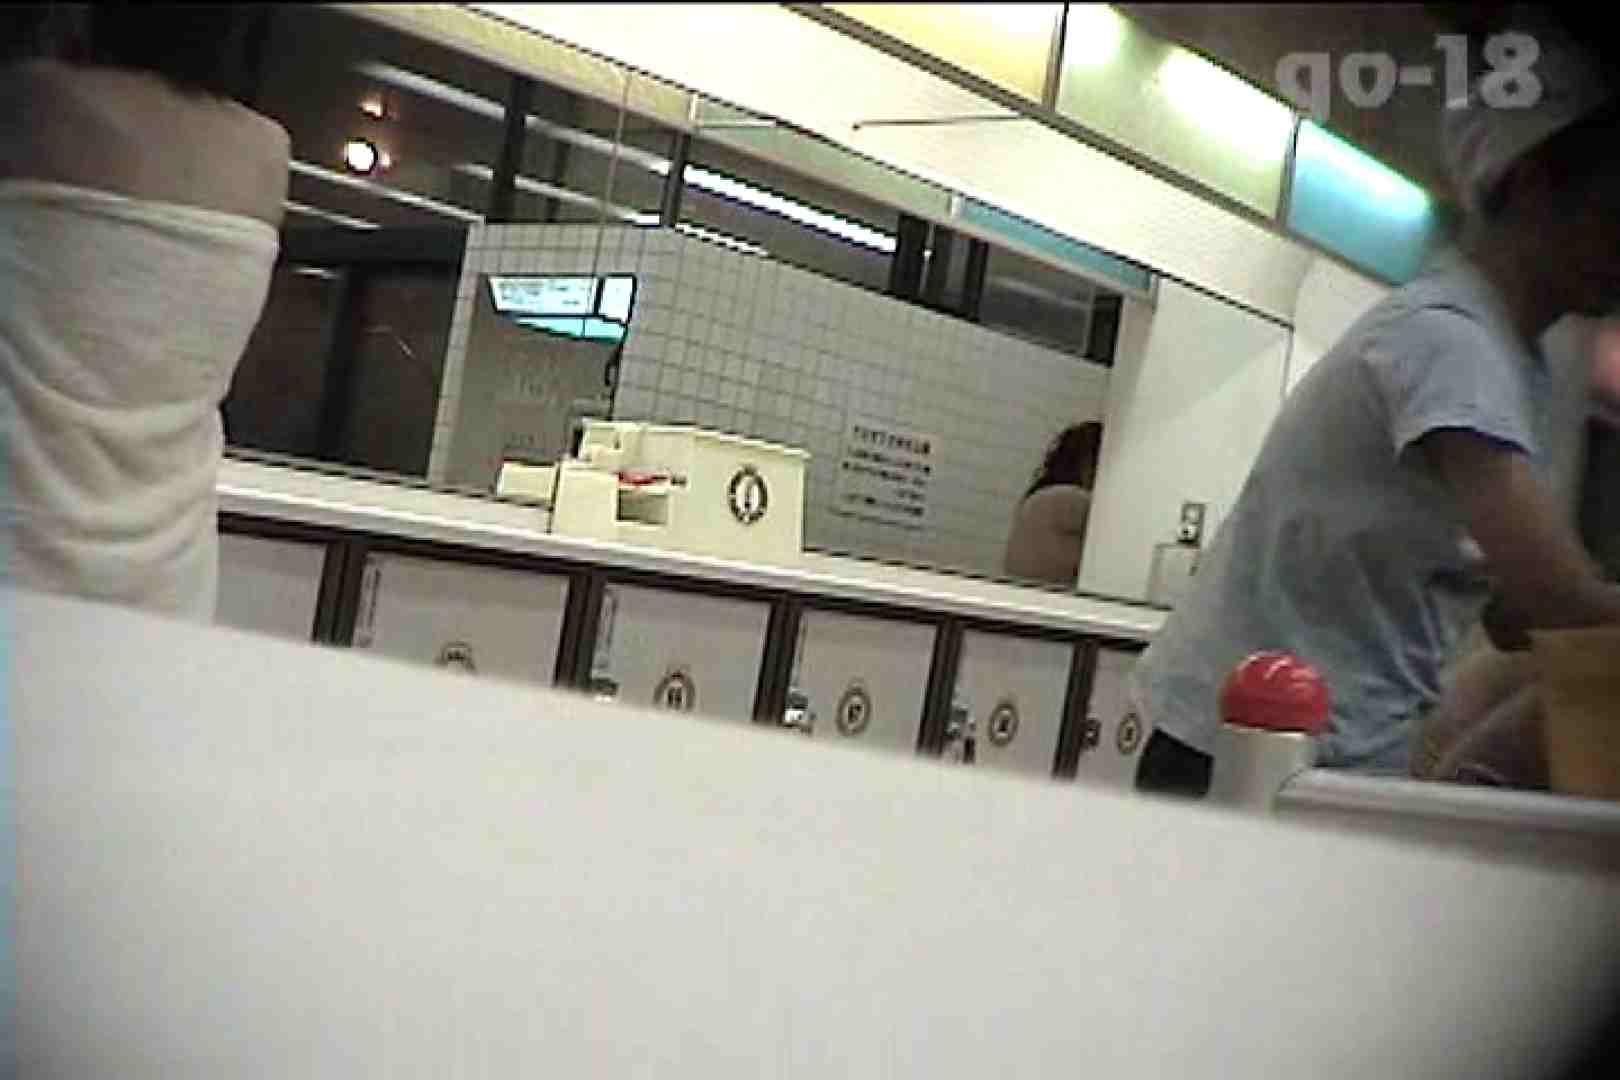 電波カメラ設置浴場からの防HAN映像 Vol.18 盗撮映像  25Pix 10